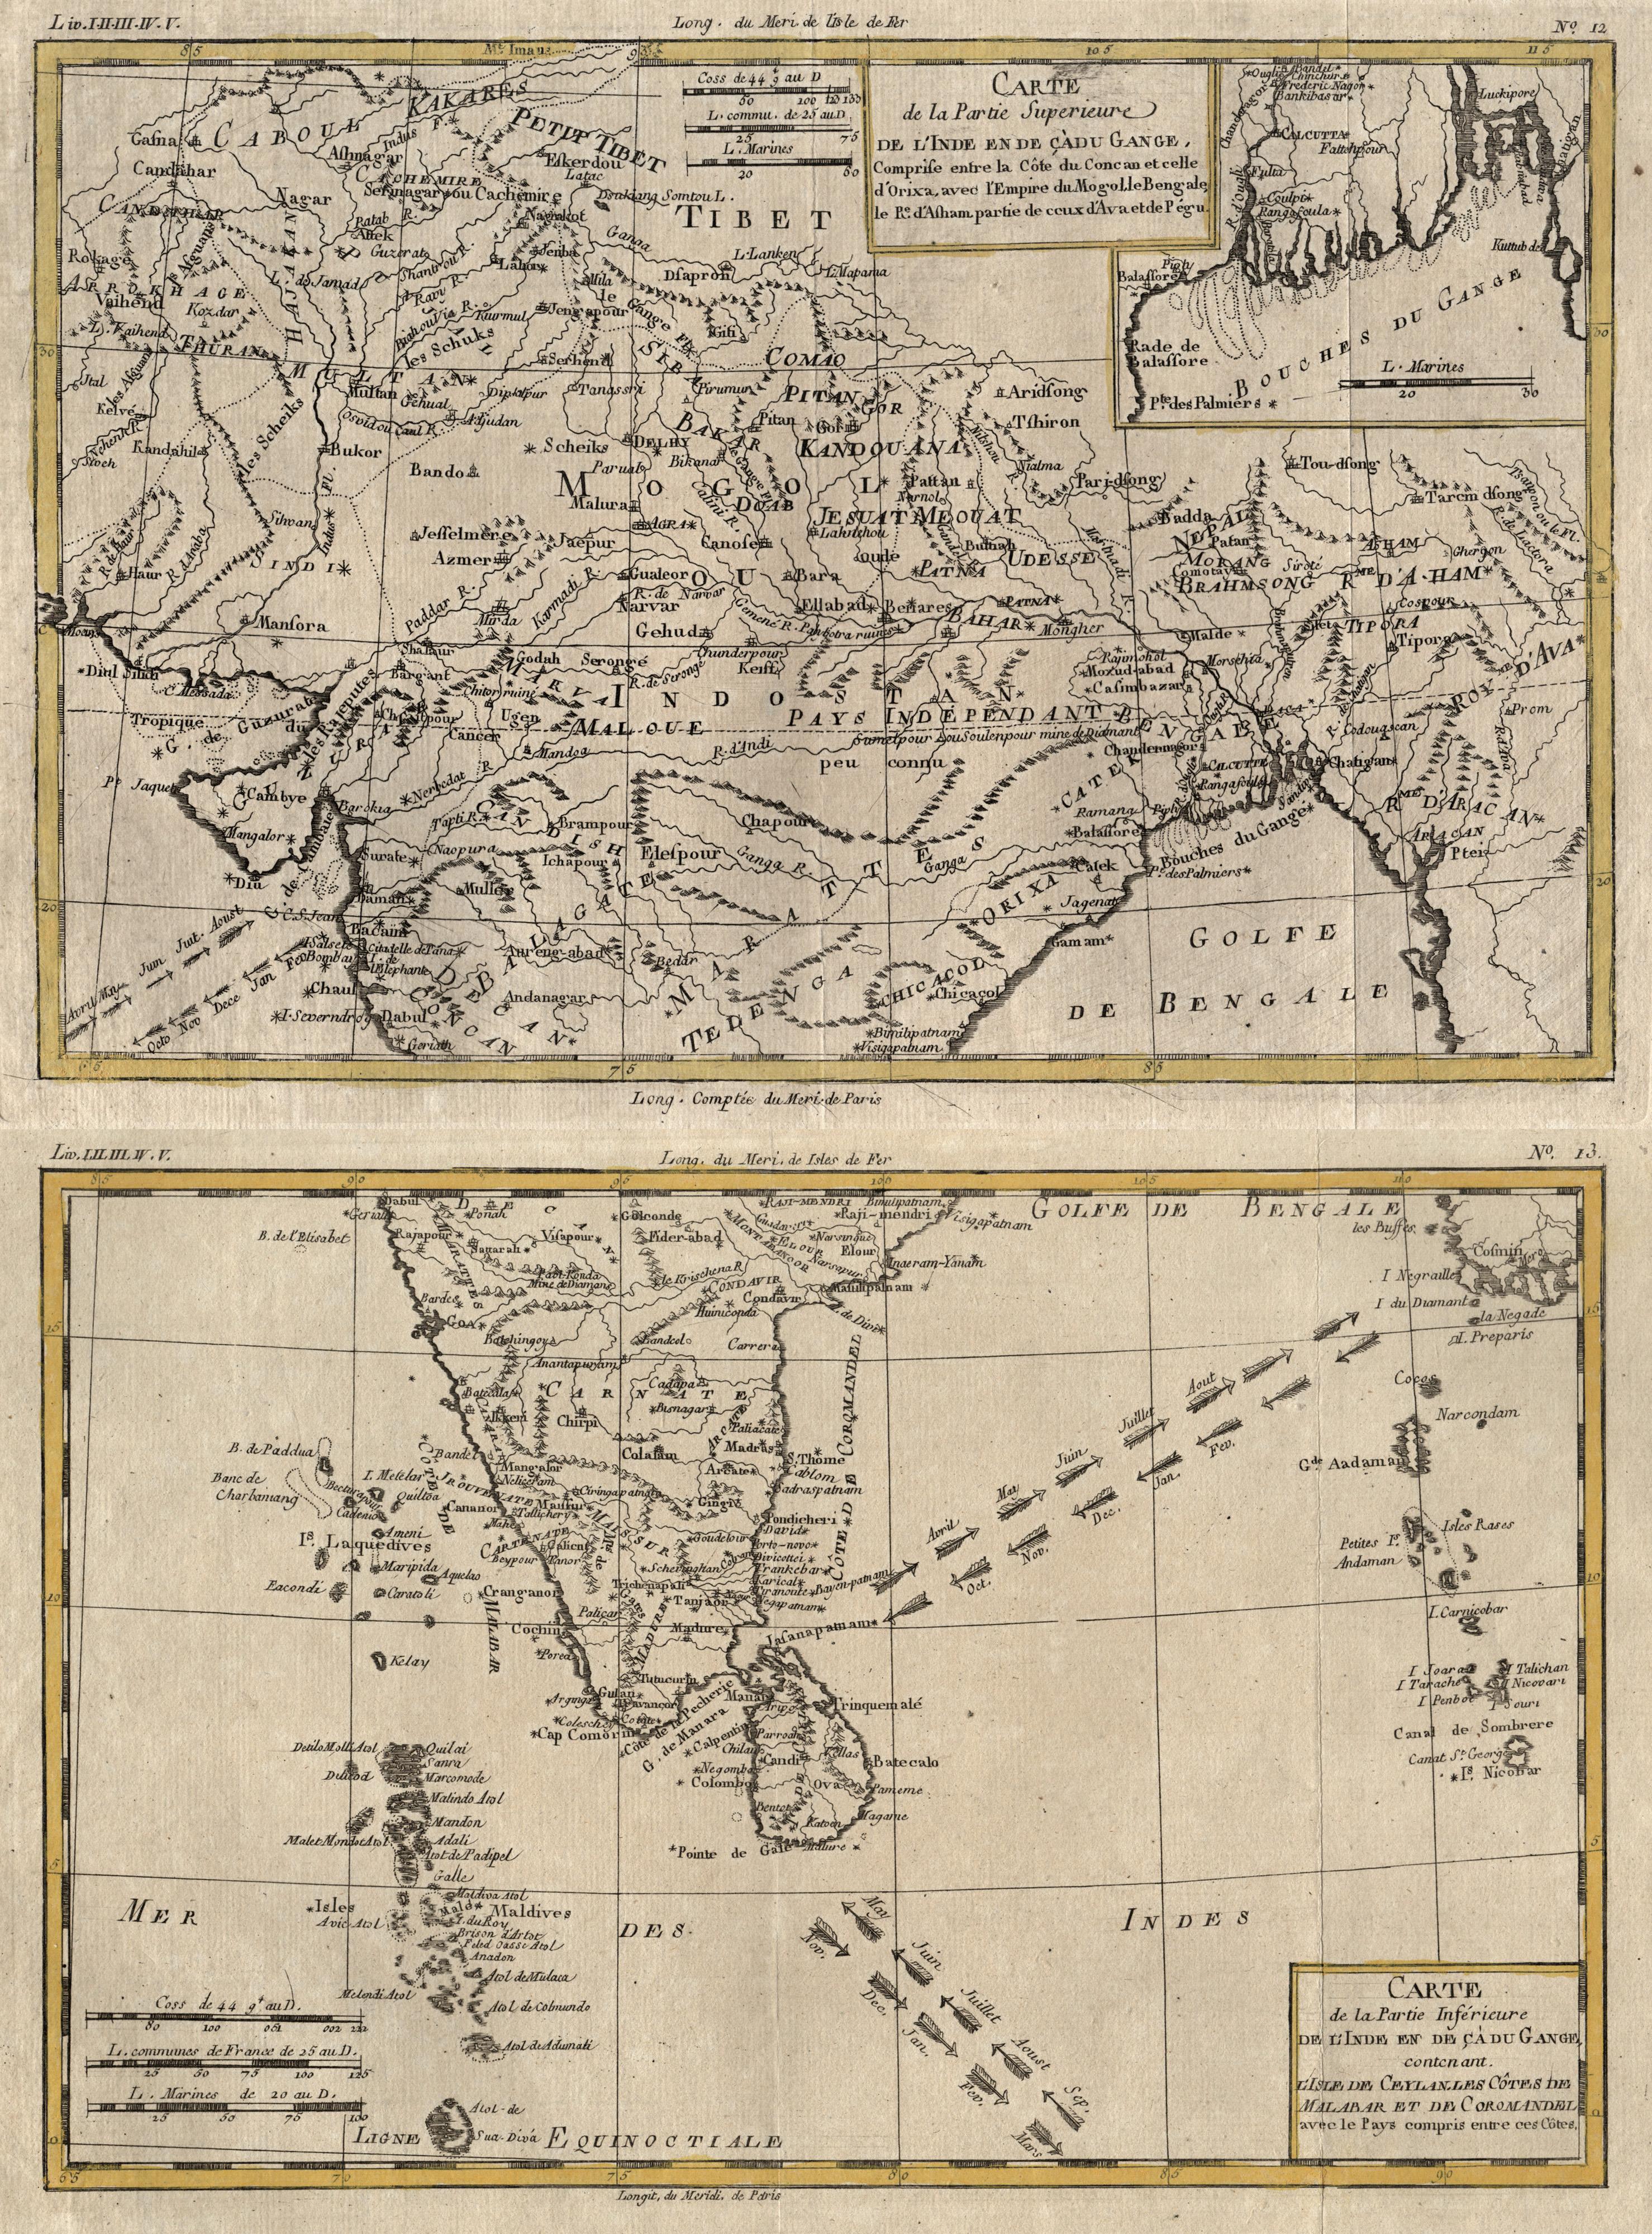 Kst.- Karte, in 2 Blatt v. R.: Indien ( India